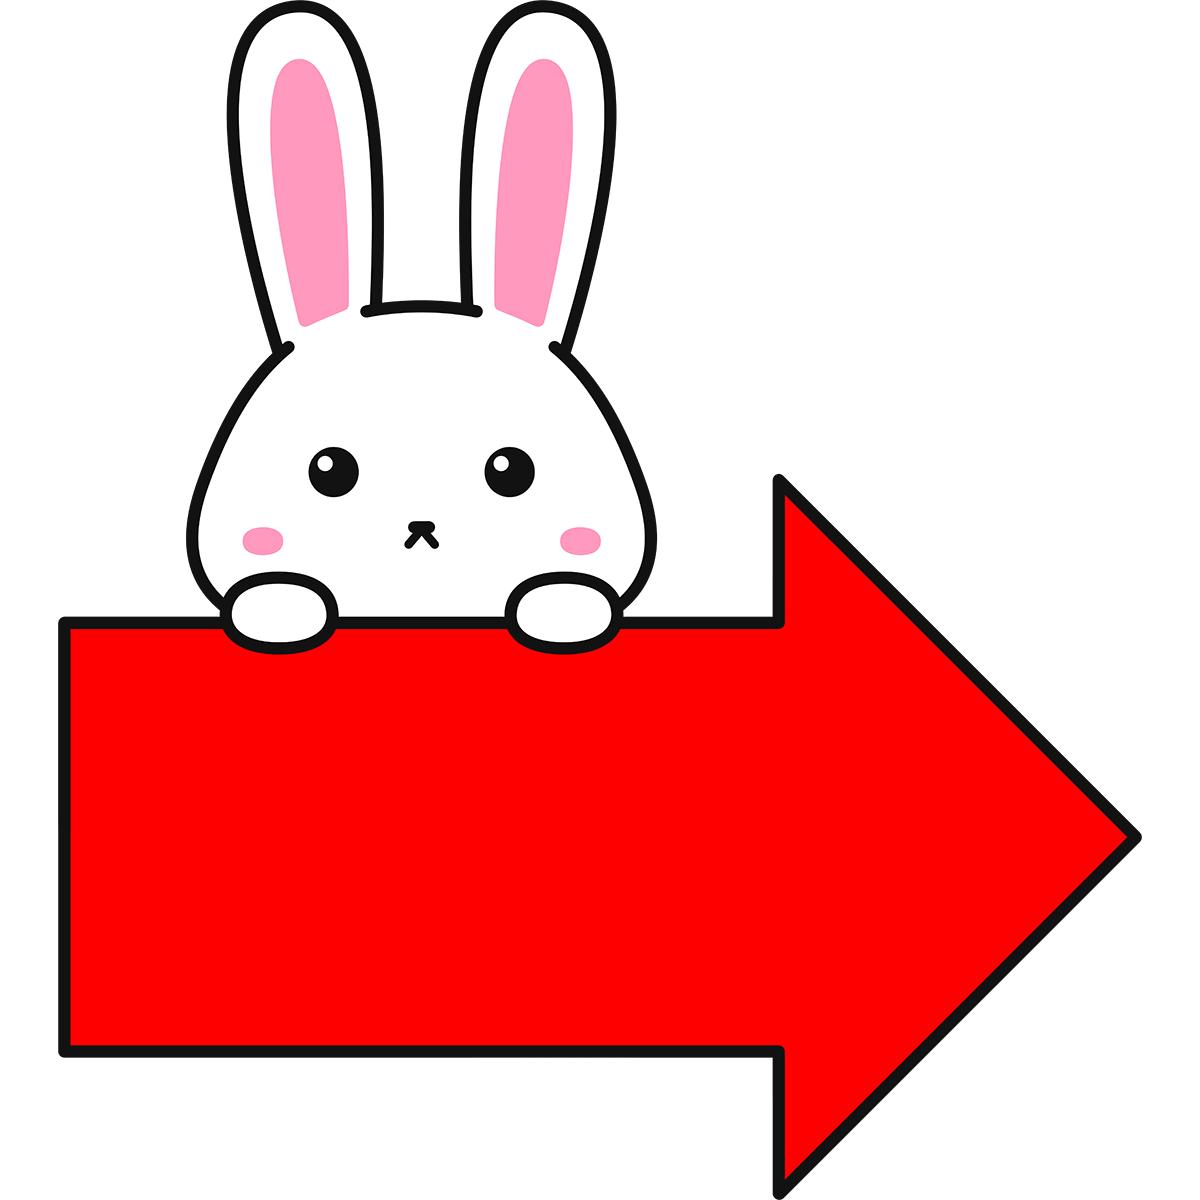 ウサギと矢印の無料イラスト